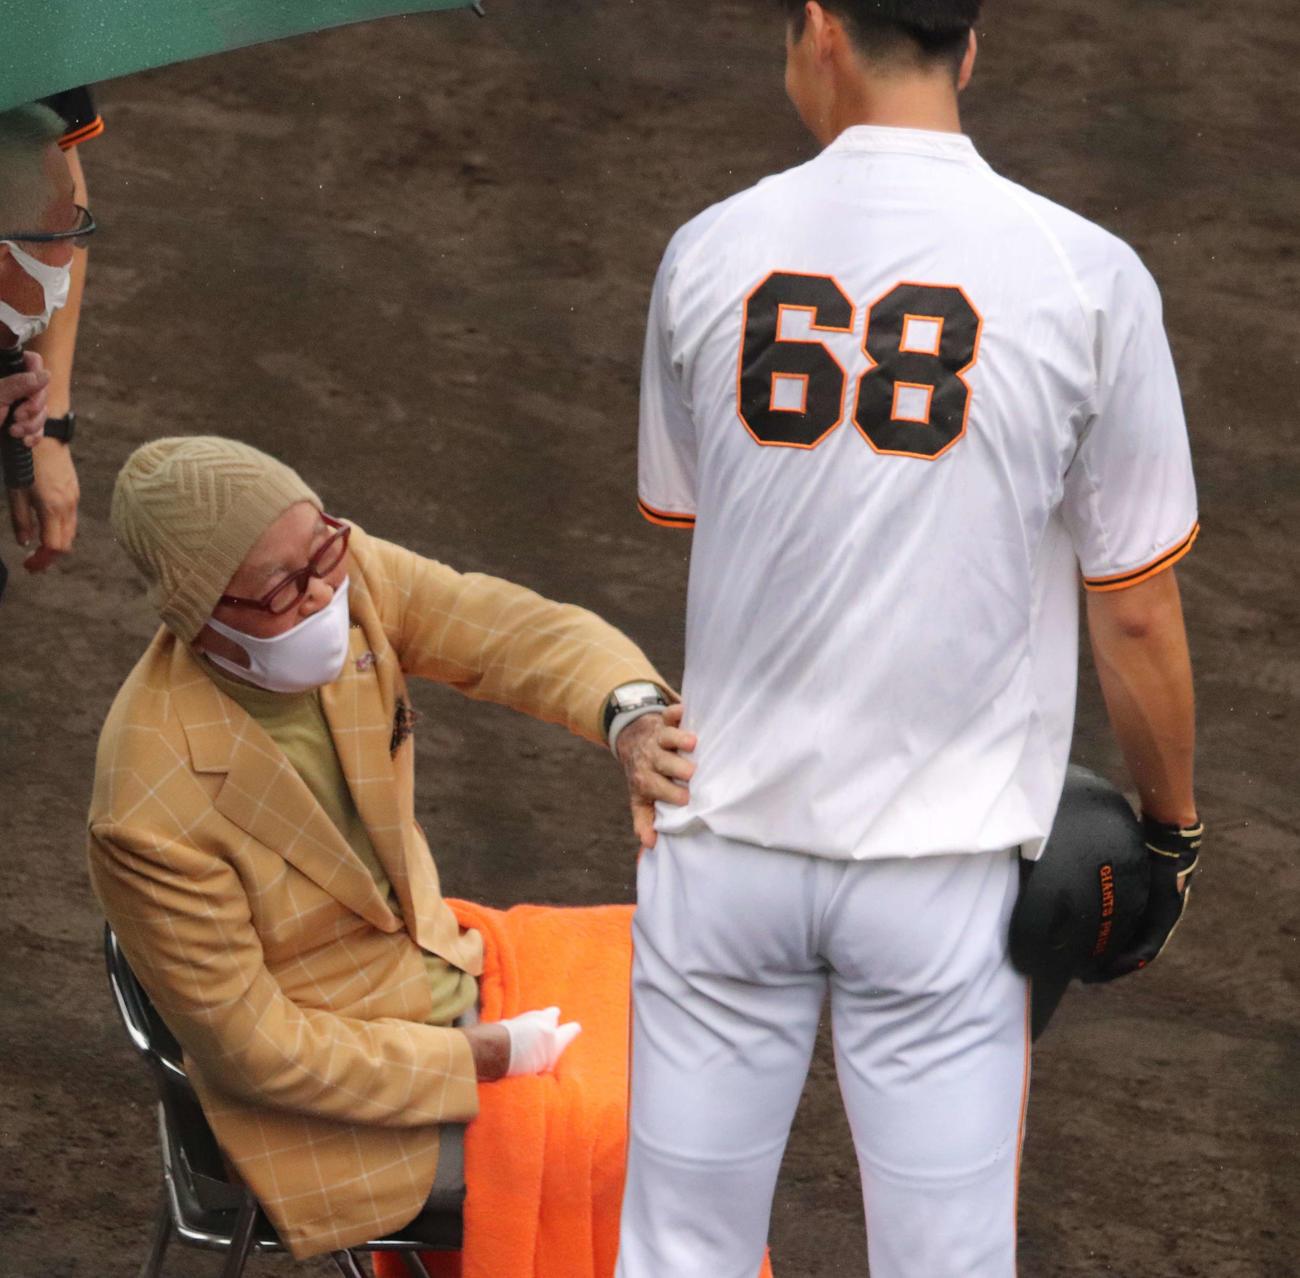 ジャイアンツ球場にサプライズ訪問した巨人長嶋終身名誉監督(左)は左手で秋広(右)にタッチ(2021年6月6日撮影)